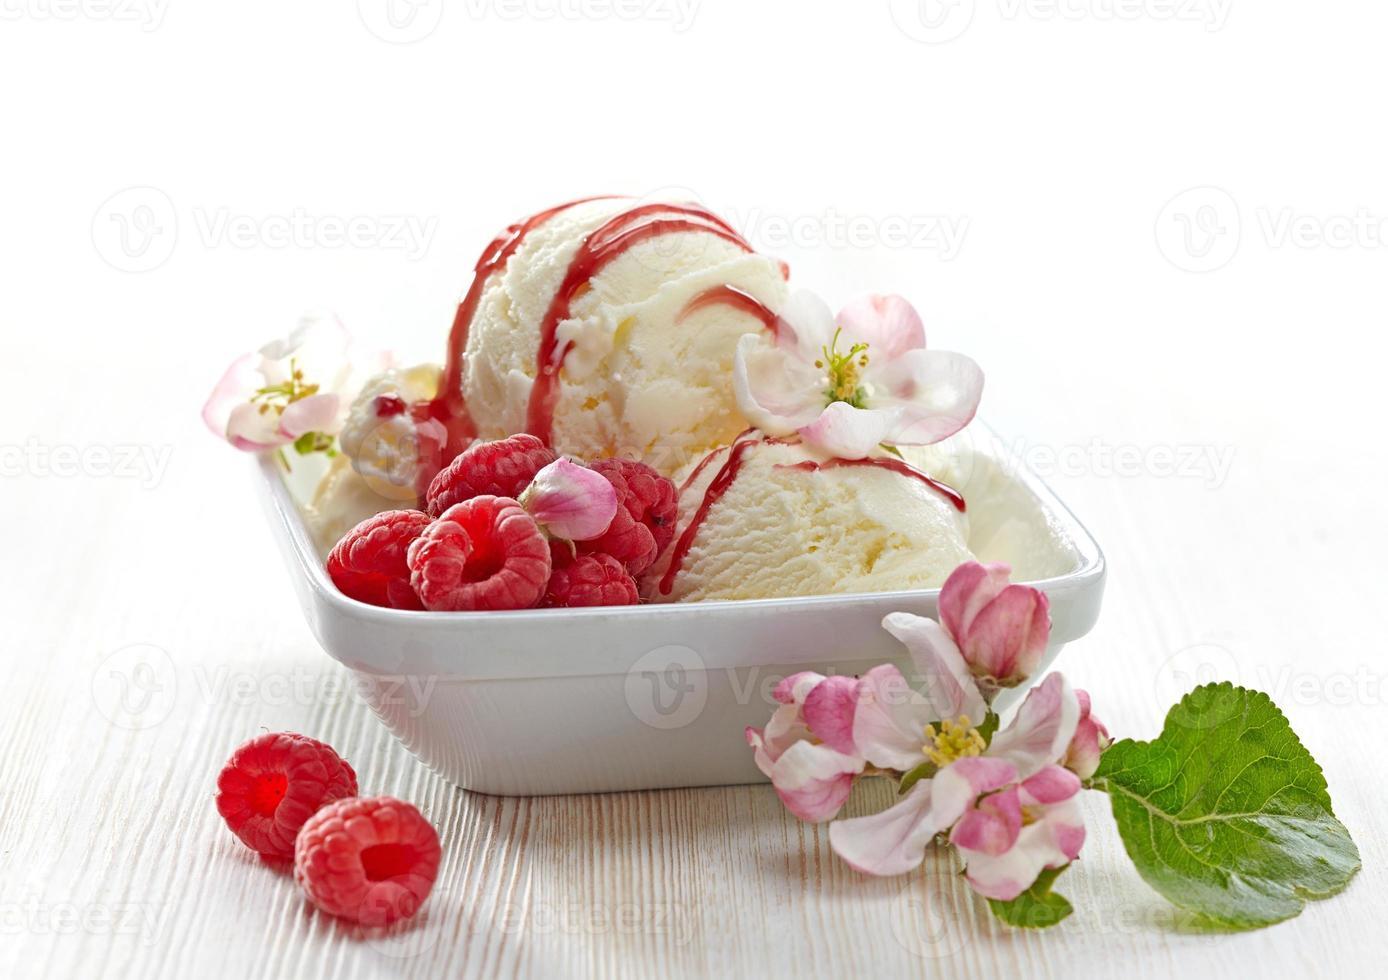 gelato alla vaniglia con frutti di bosco freschi foto